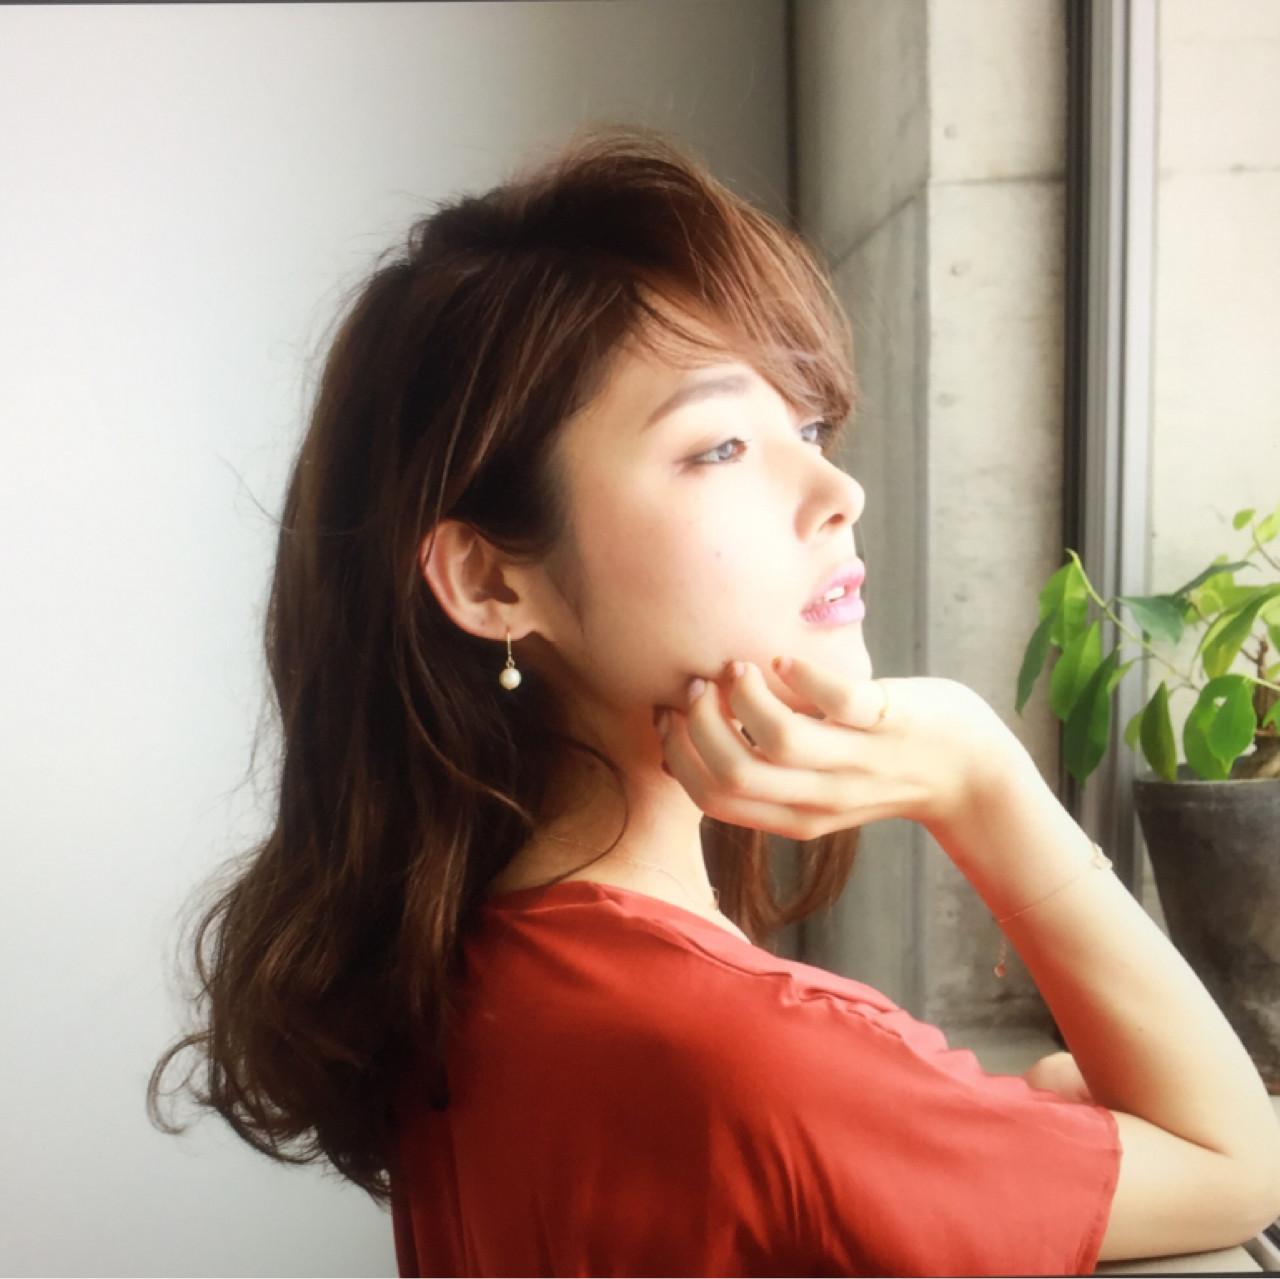 色気 ゆるふわ ナチュラル フェミニン ヘアスタイルや髪型の写真・画像 | 石川 琴允 /